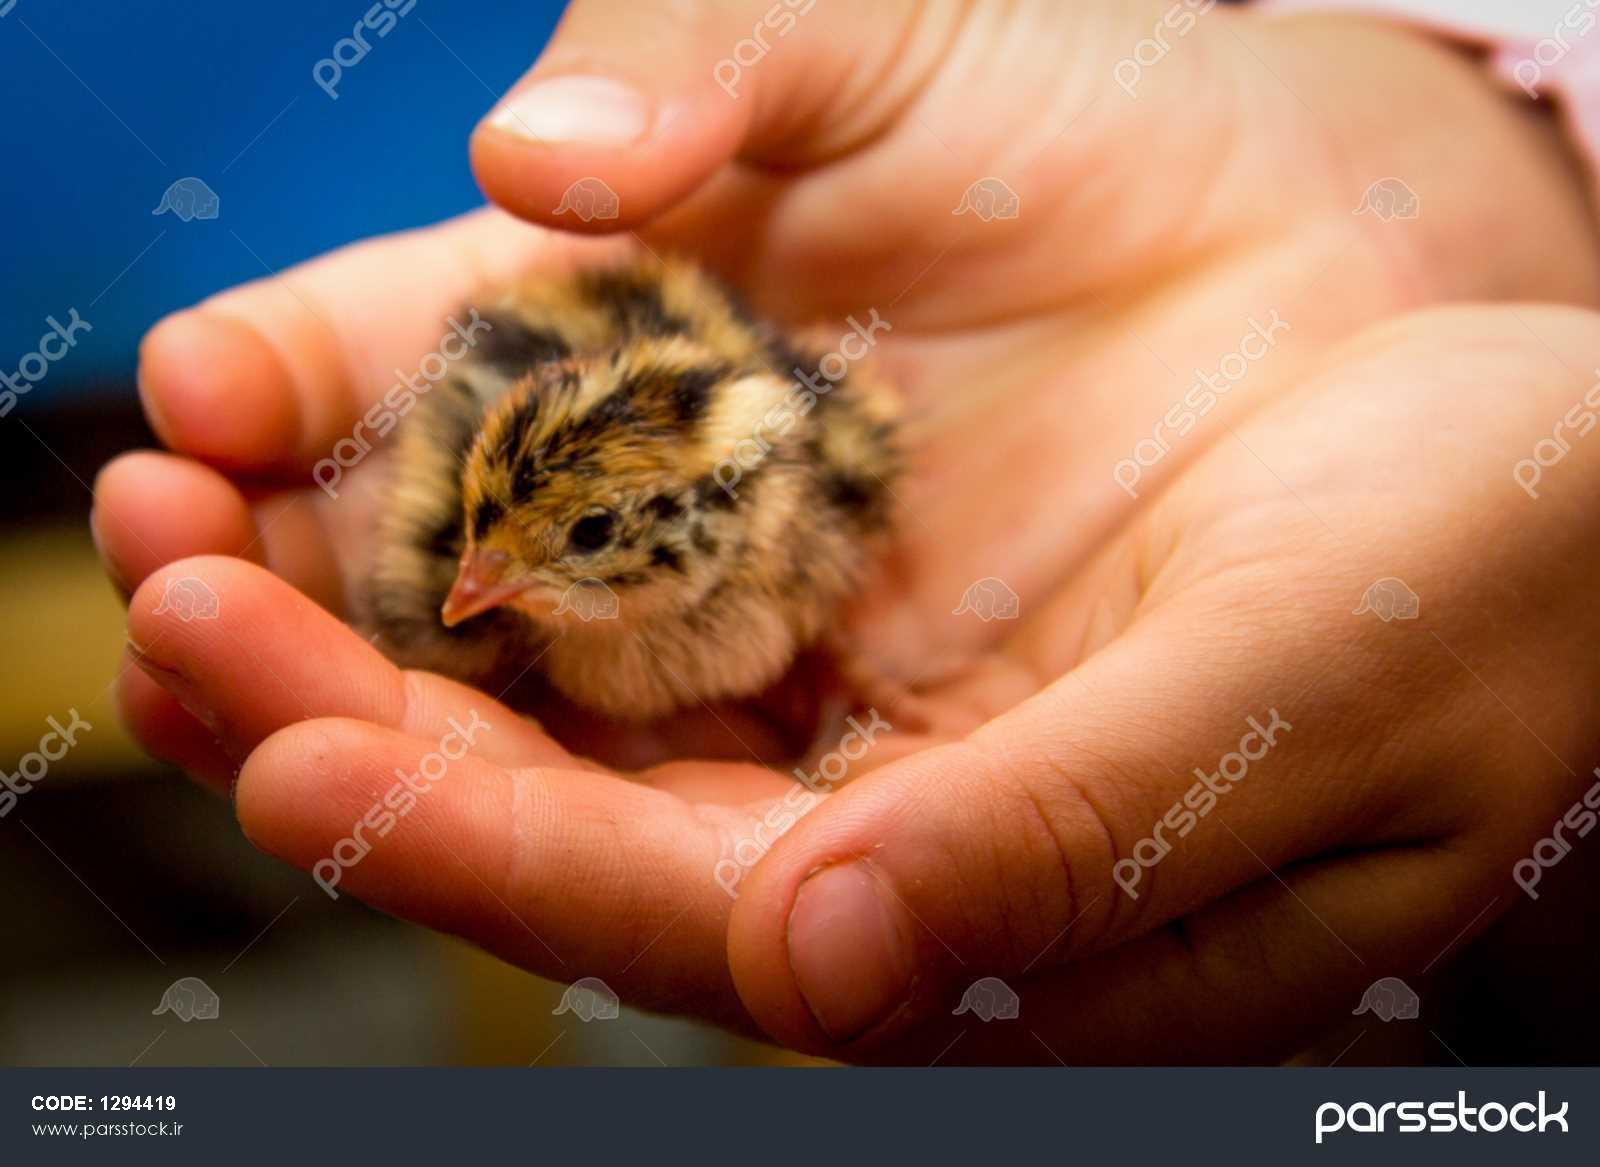 جوجه بلدرچین کوچک است که فقط از یک تخم مرغ ها عکس 1294419 ...